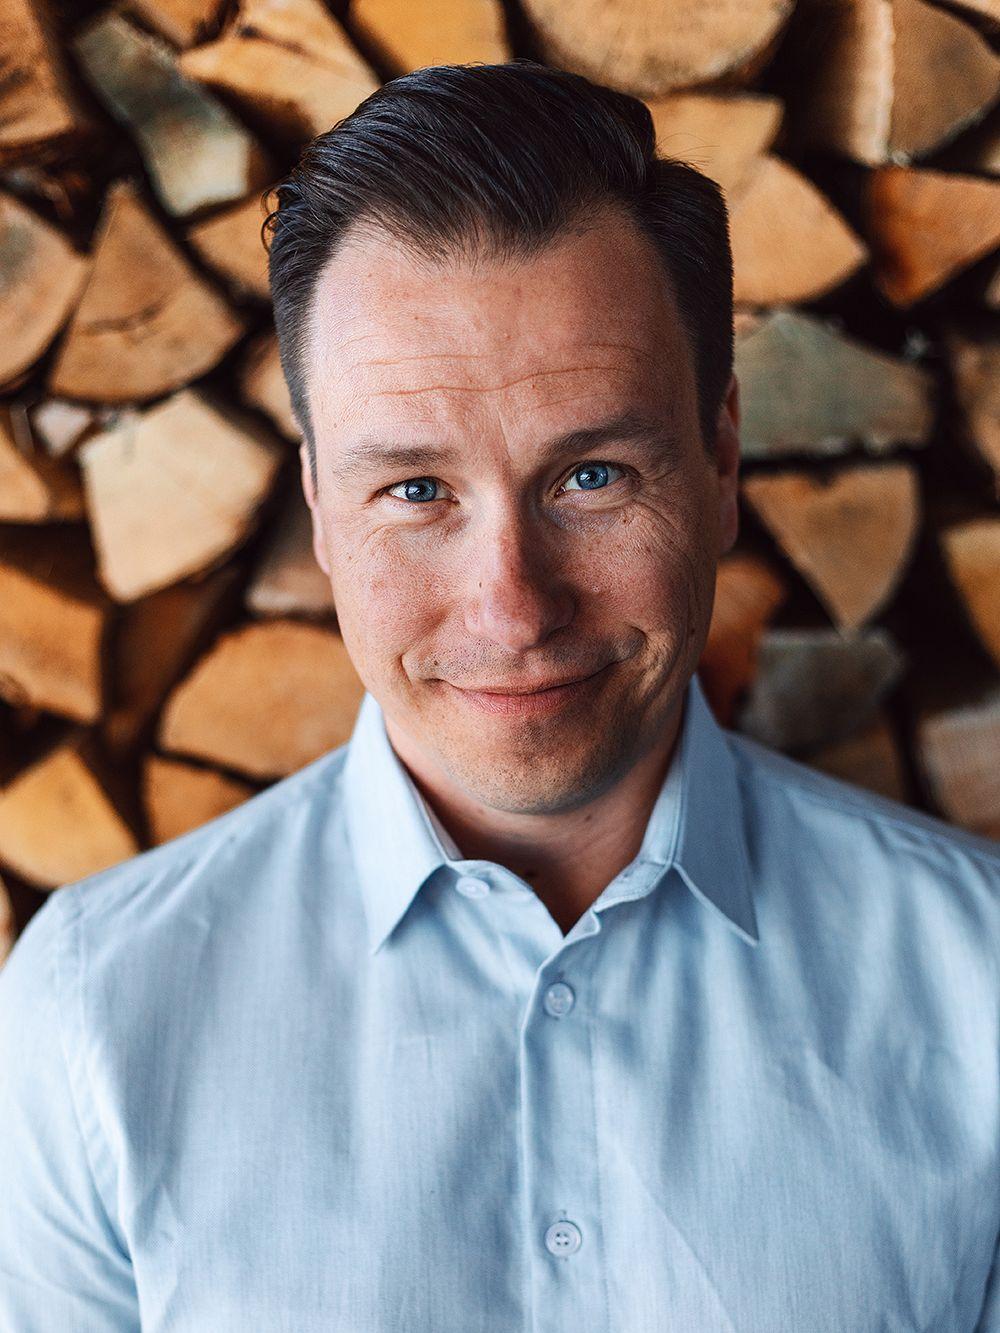 Woodio CEO Petro Lahtinen